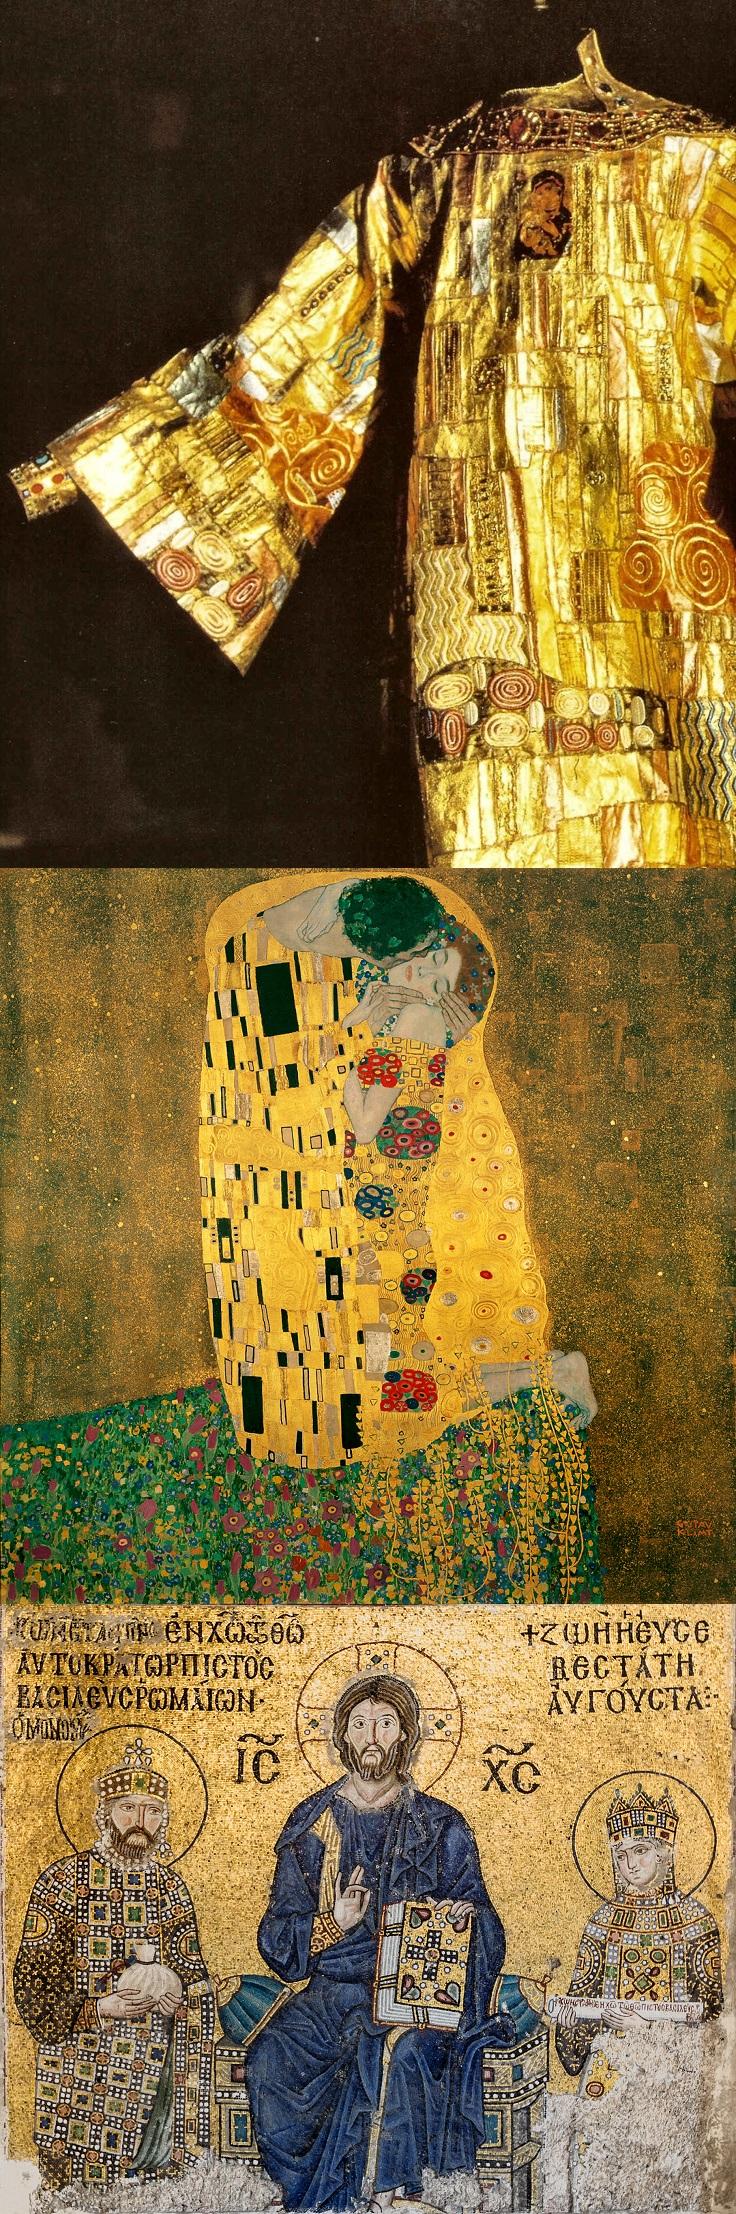 Túnica de Drácula; O Beijo, de Gustav Klimt; e mosaico da Basílica de Santa Sofia, em Istambul.